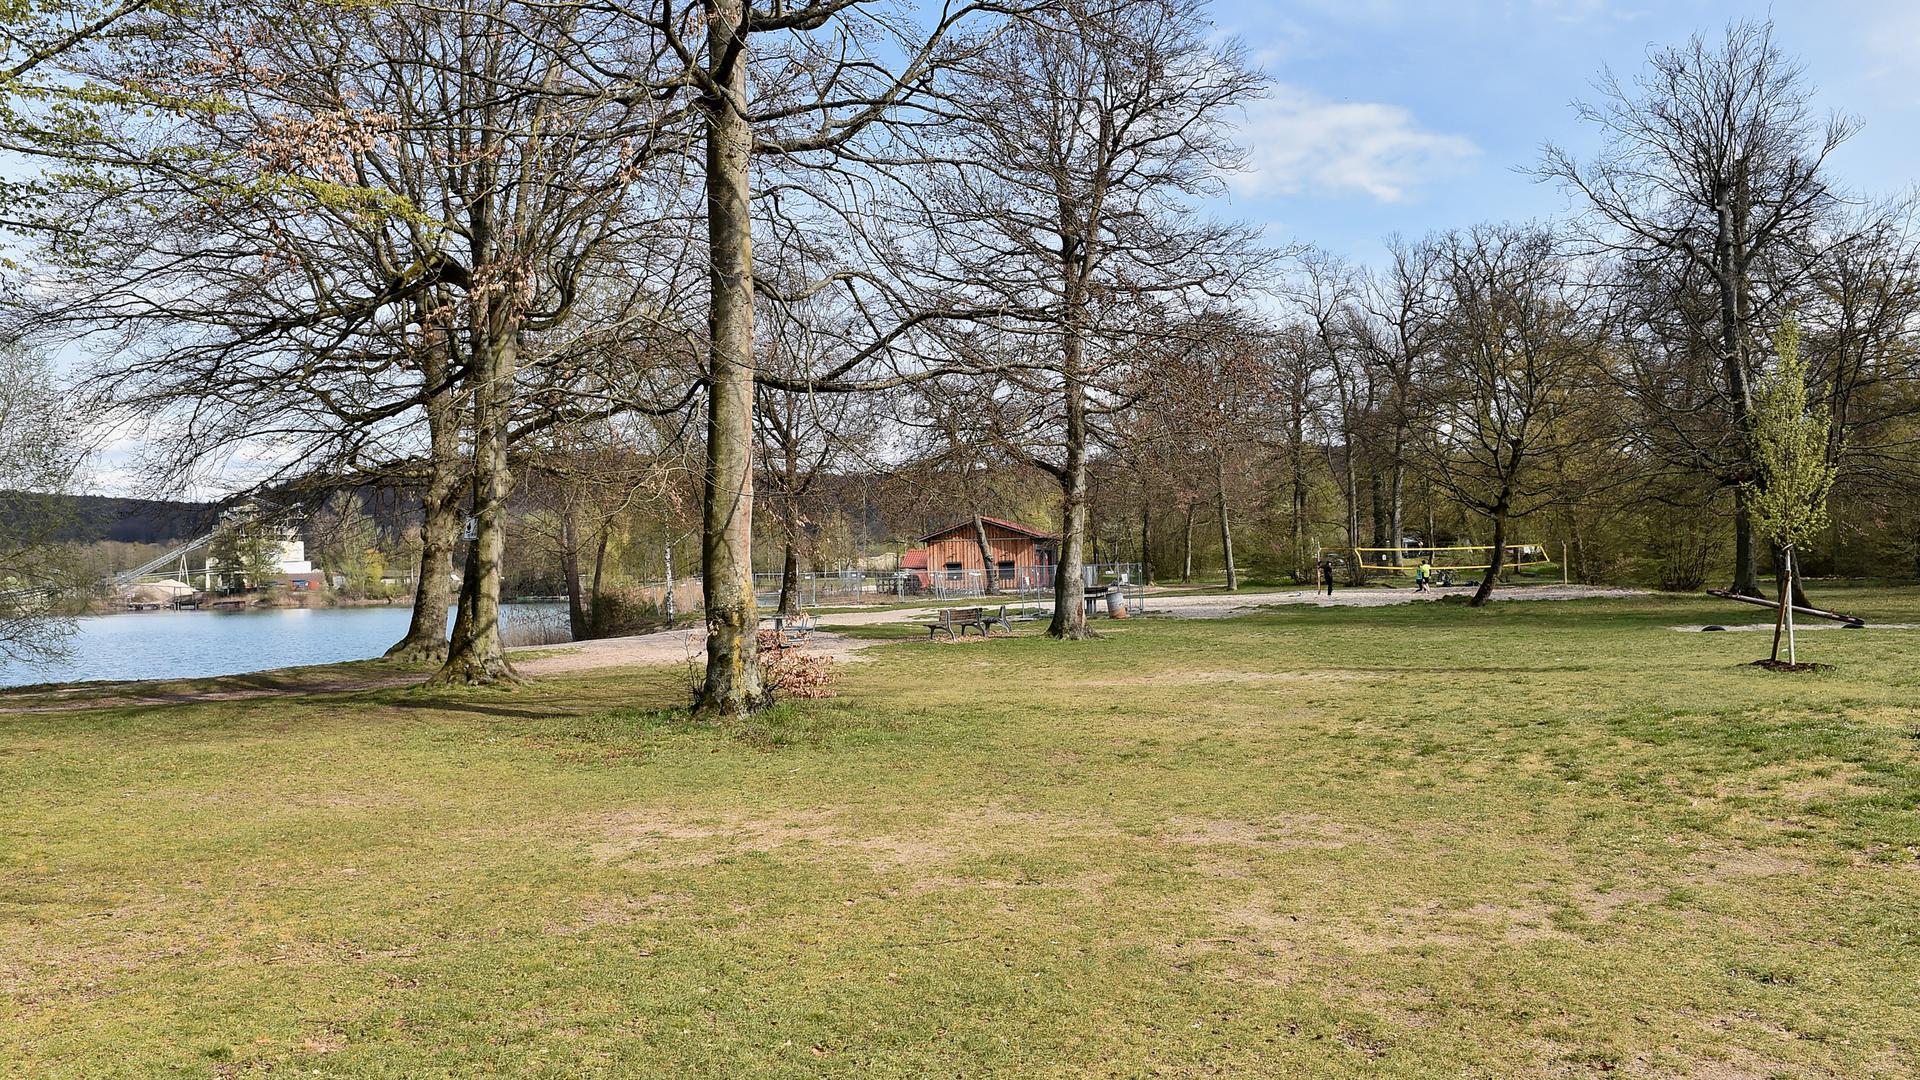 Liegewiesen und Bäume am Baggersee Weingarten, im Hintergrund ein Beachvolleyballfeld.